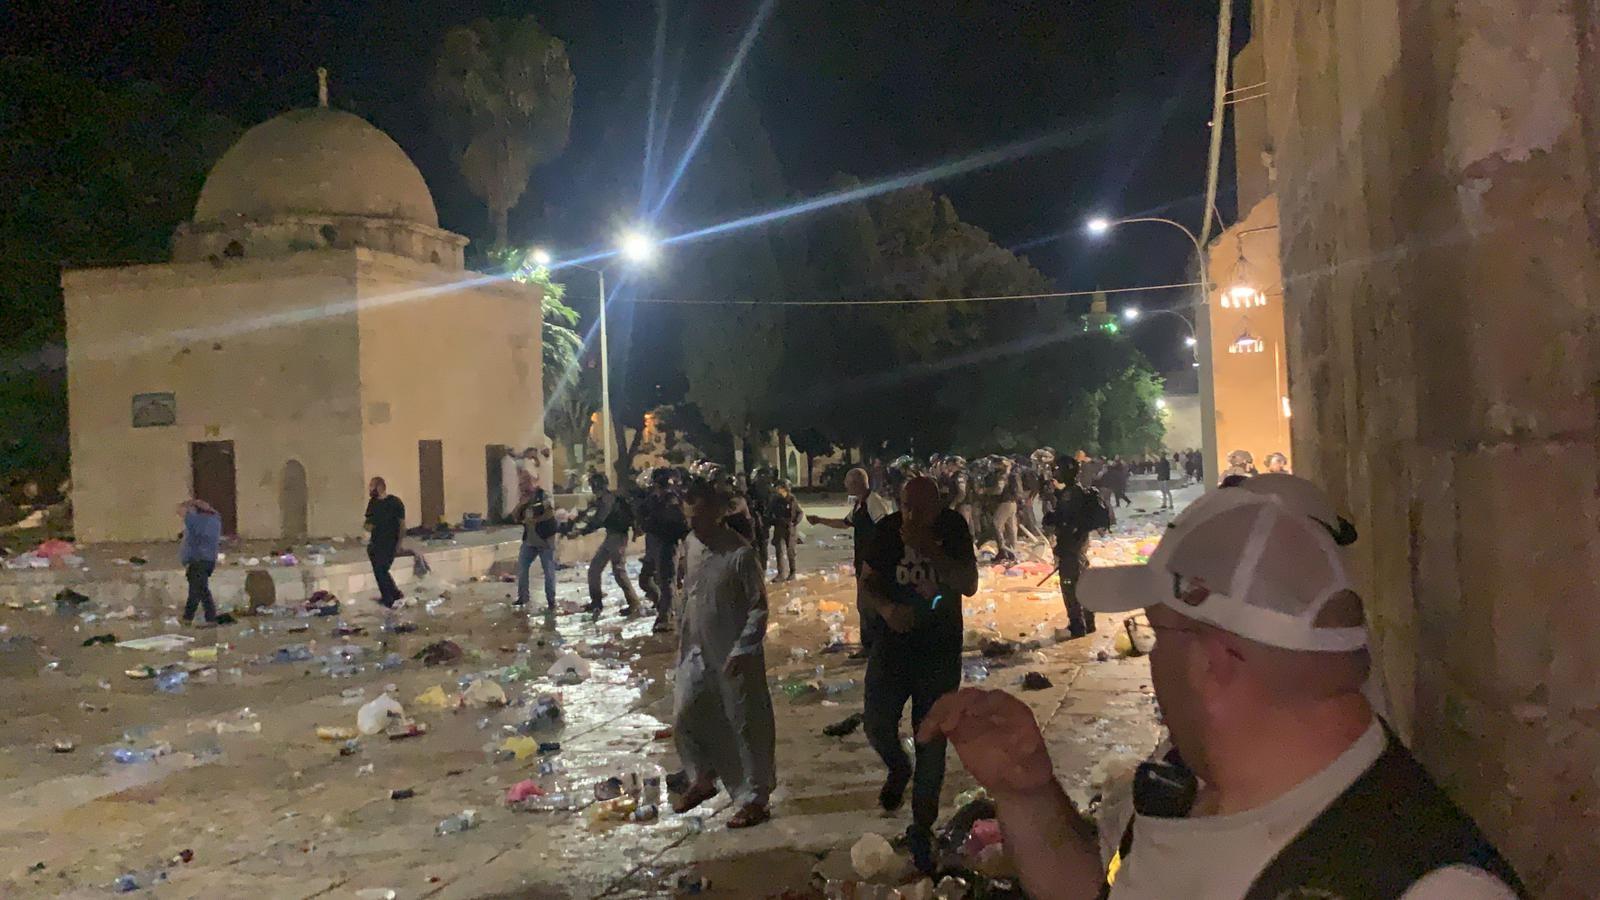 Столкновения с полицией на Храмовой горе и в Шейх Джаррахе продолжаются